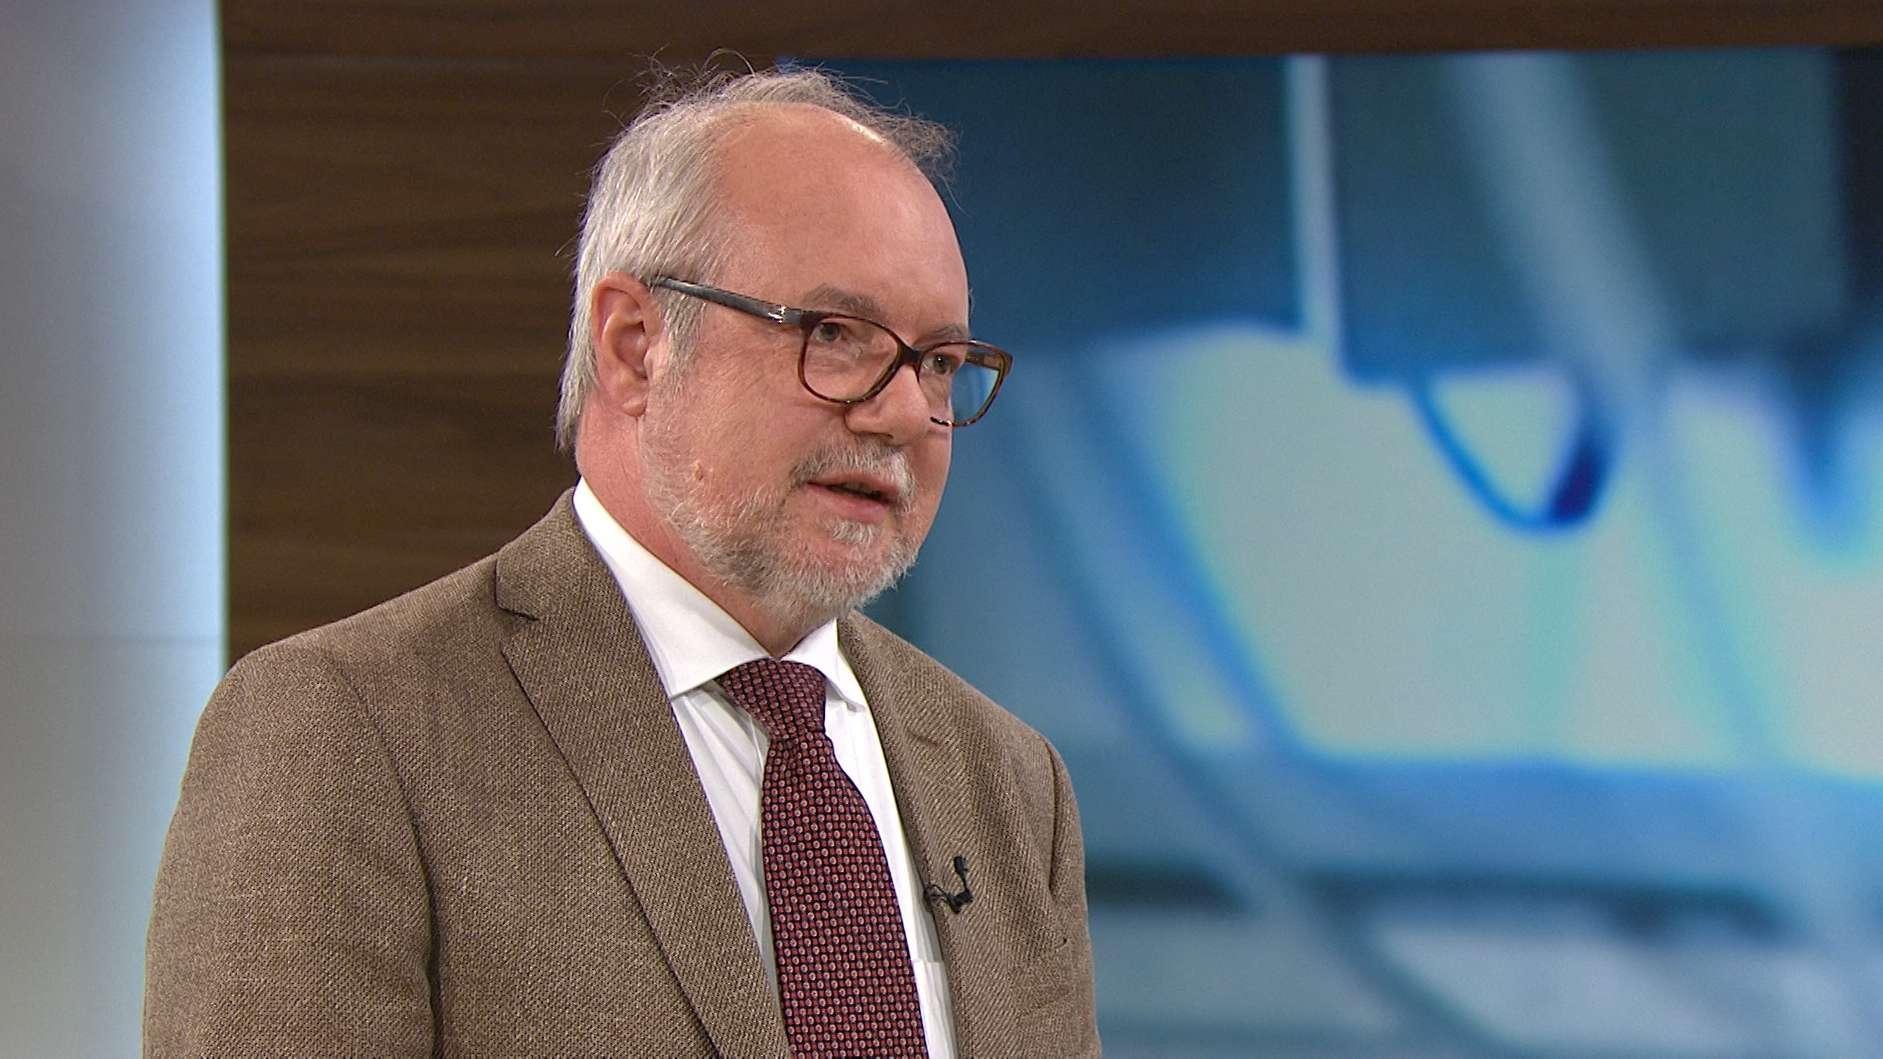 Chefarzt der Schön-Klinik in Bad Aibling, Dr. Friedemann Müller